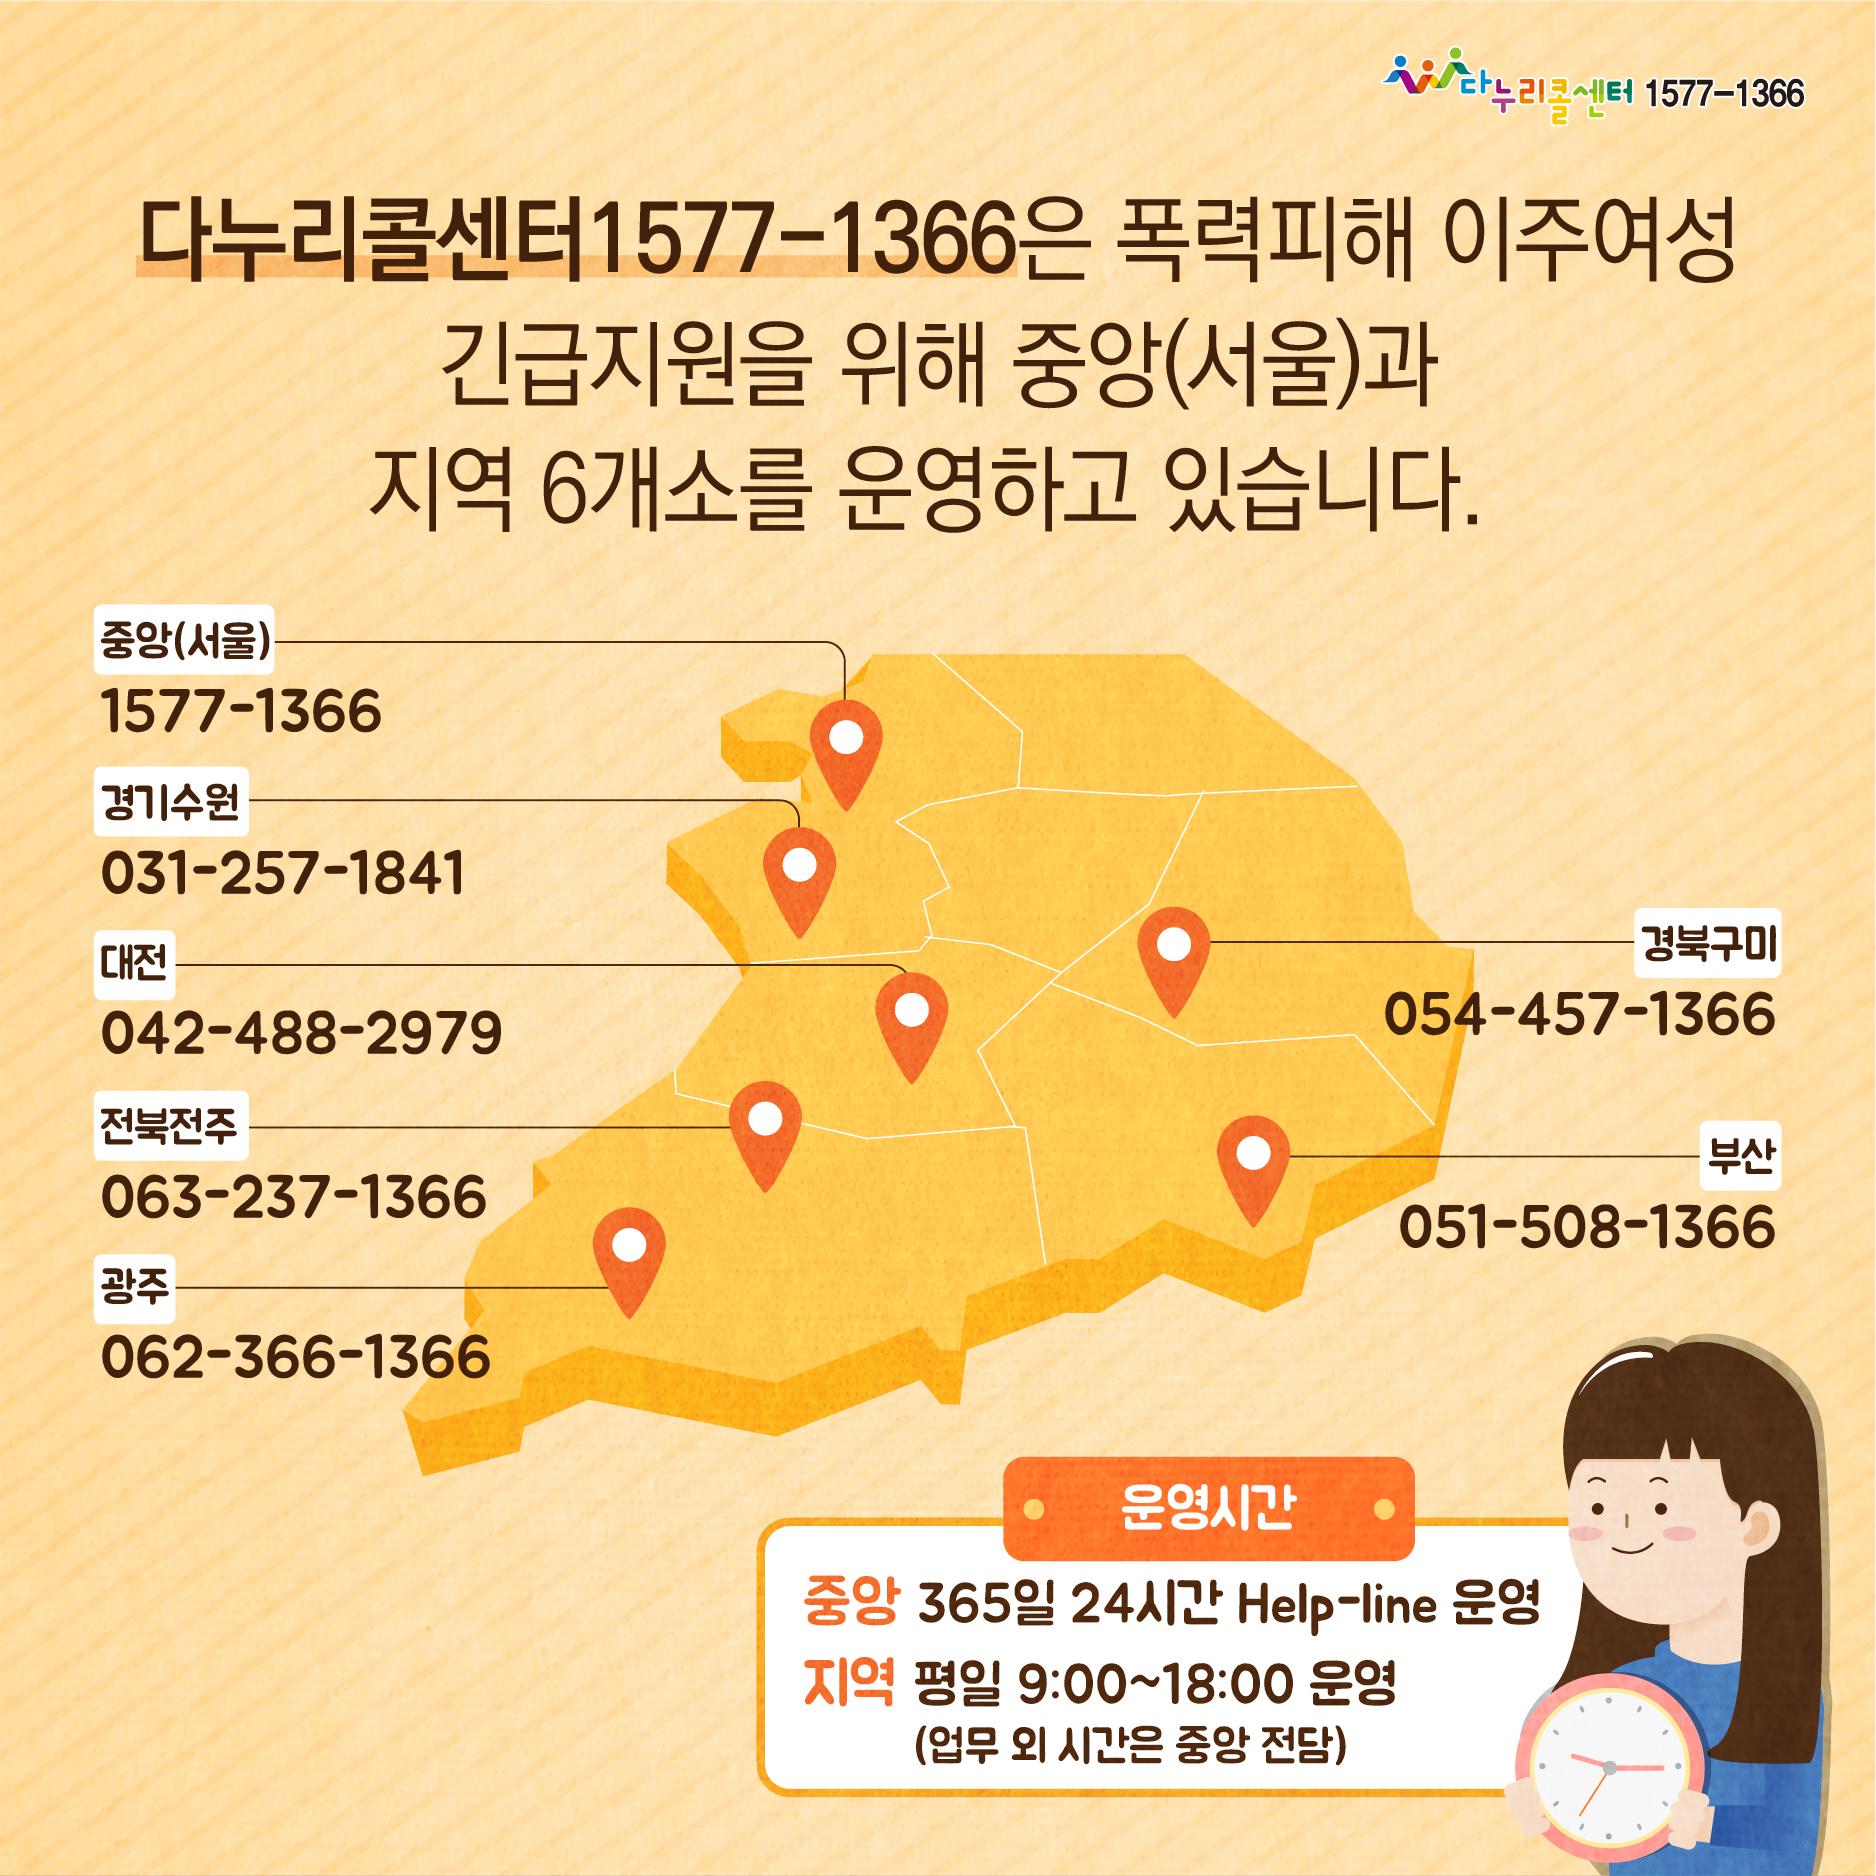 [카드뉴스] 다누리콜센터1577-1366 이주여성 폭력피해 긴급지원 안내(한국어)_10